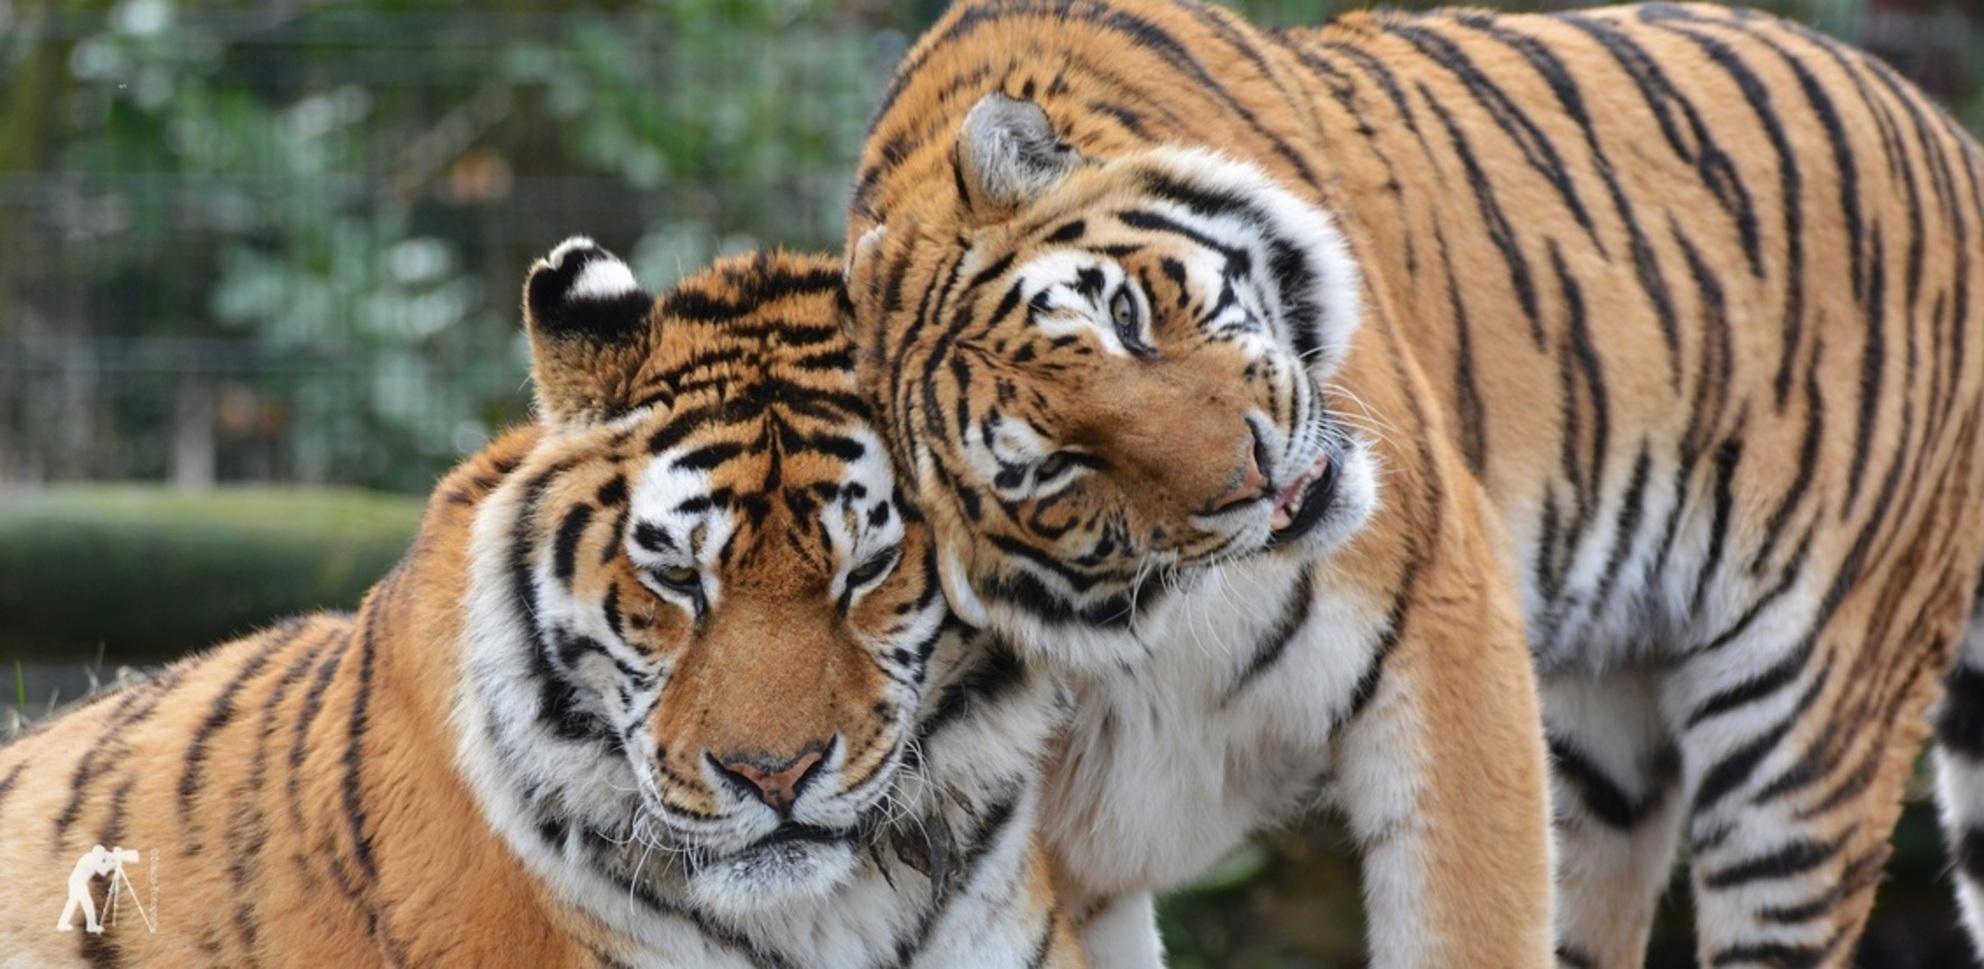 Love you - - - foto door blaica op 11-03-2018 - deze foto bevat: tijger, wildlife